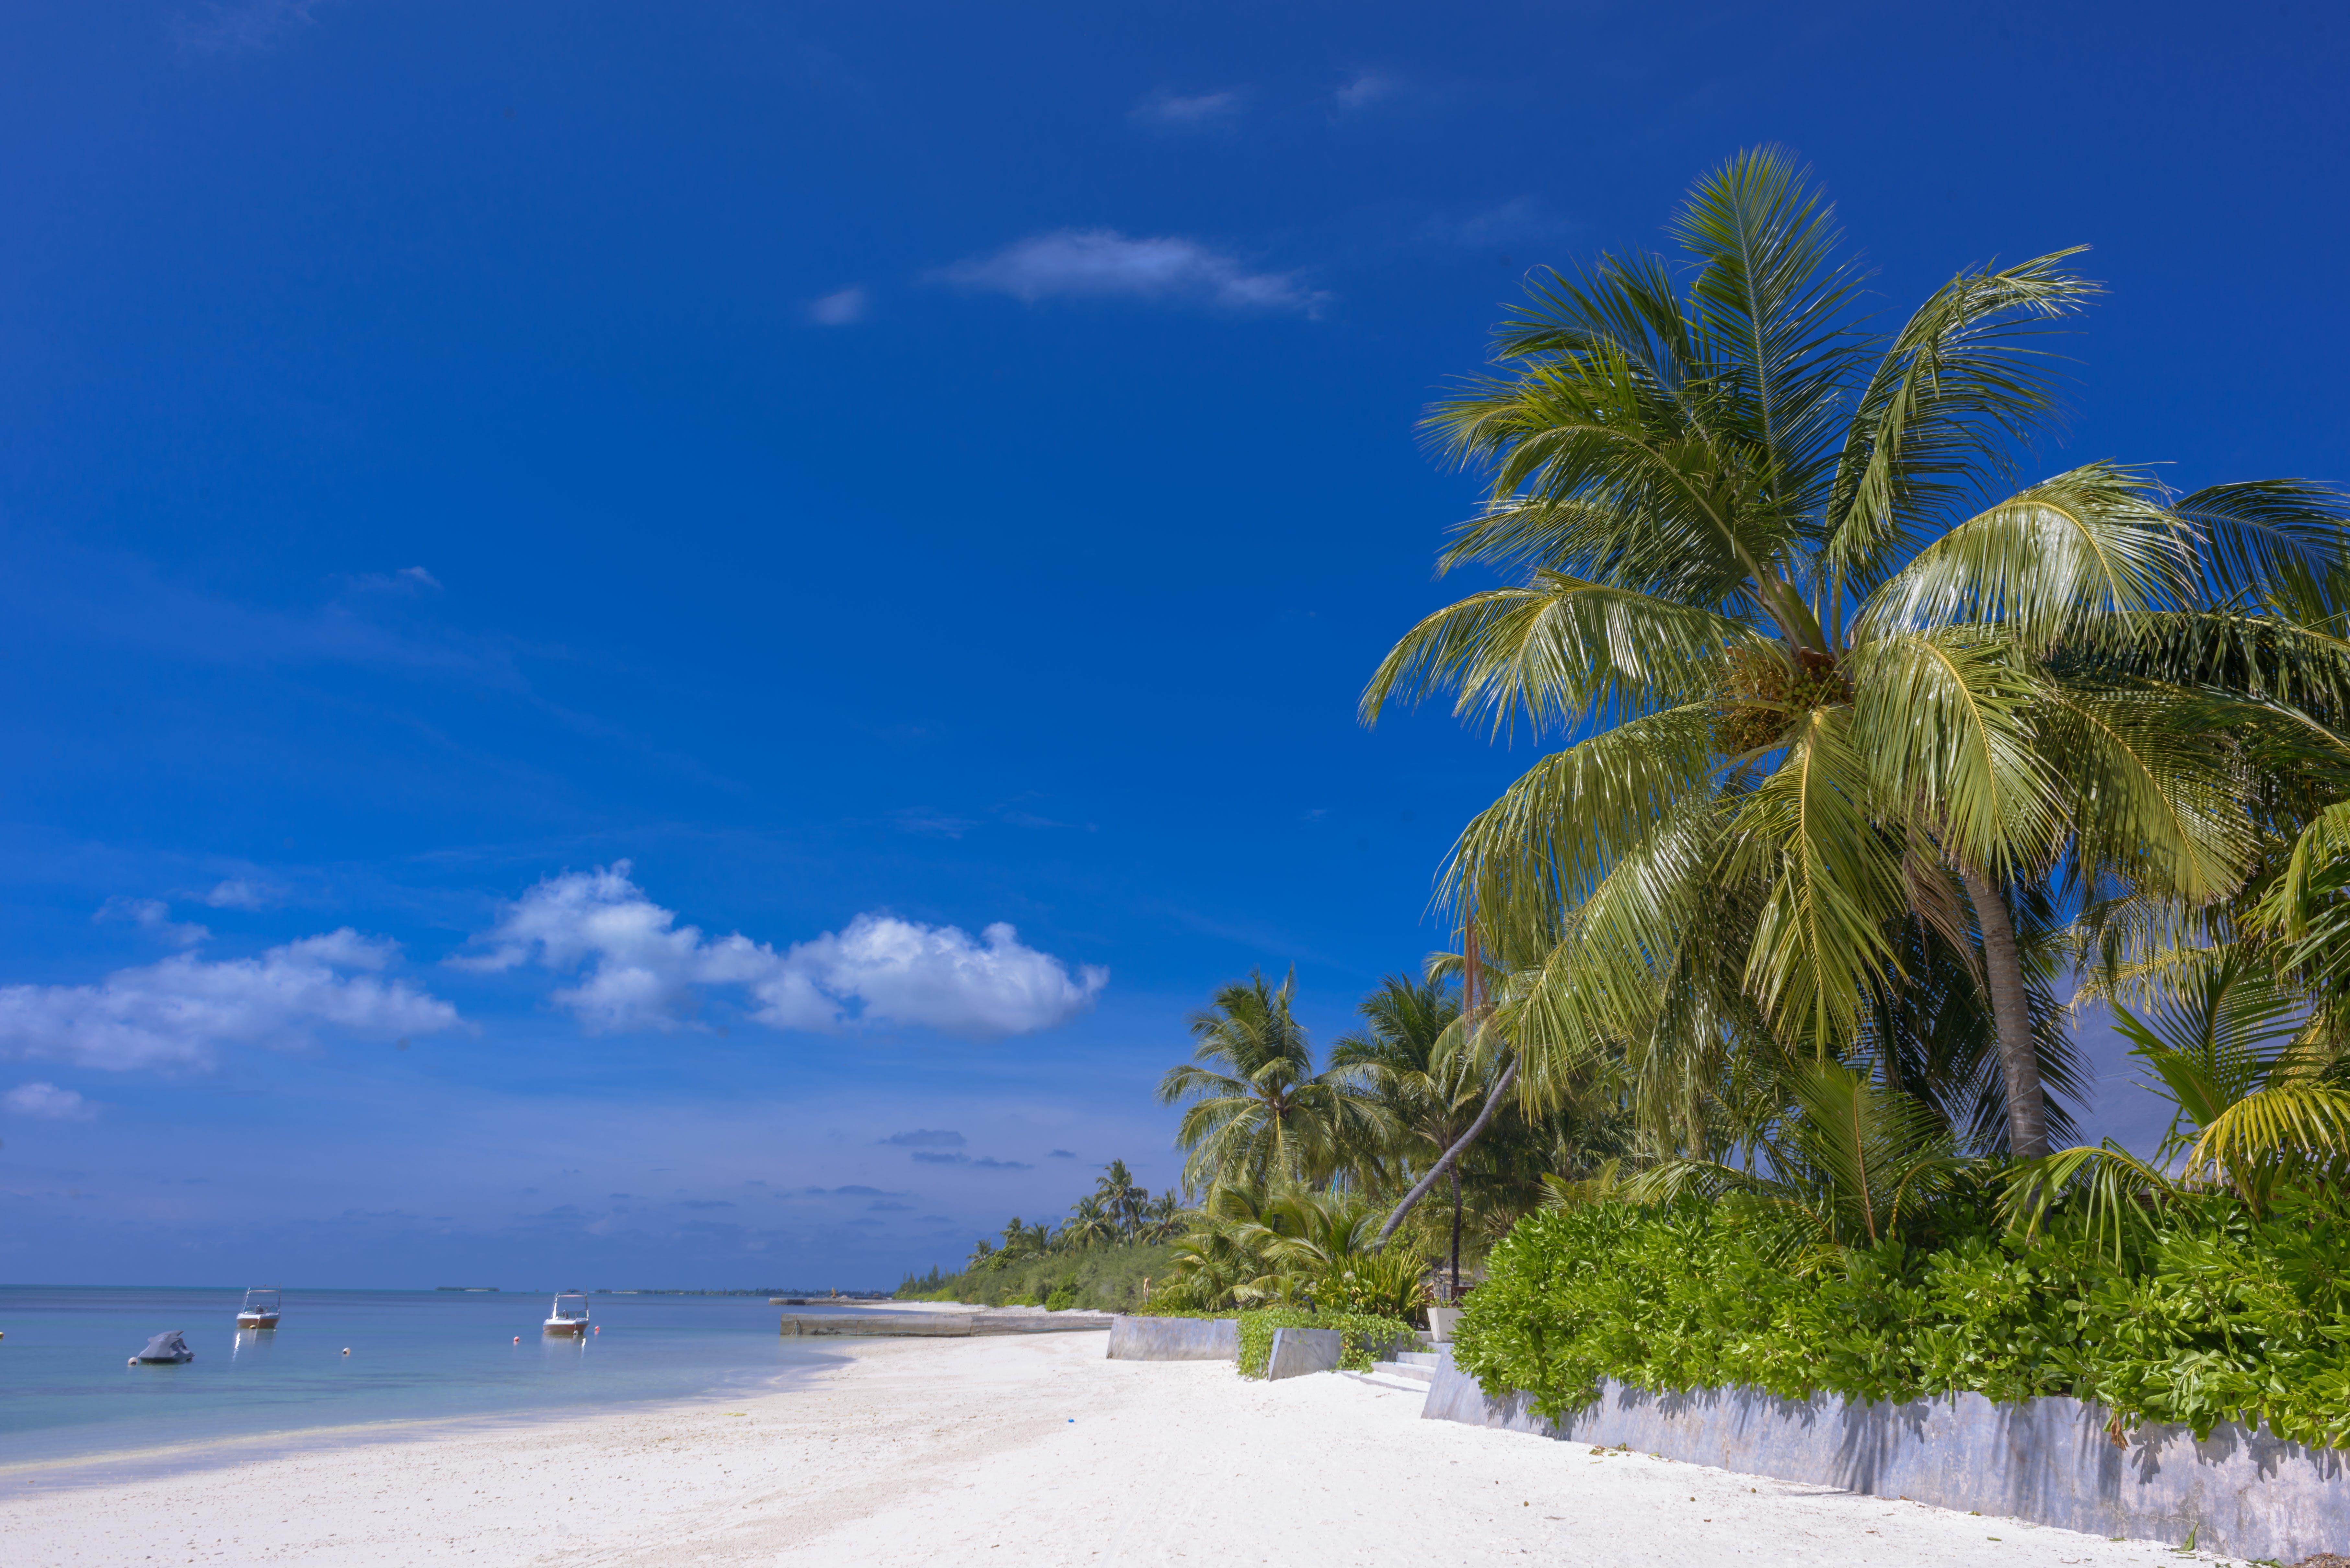 경치가 좋은, 나무, 모래, 물의 무료 스톡 사진